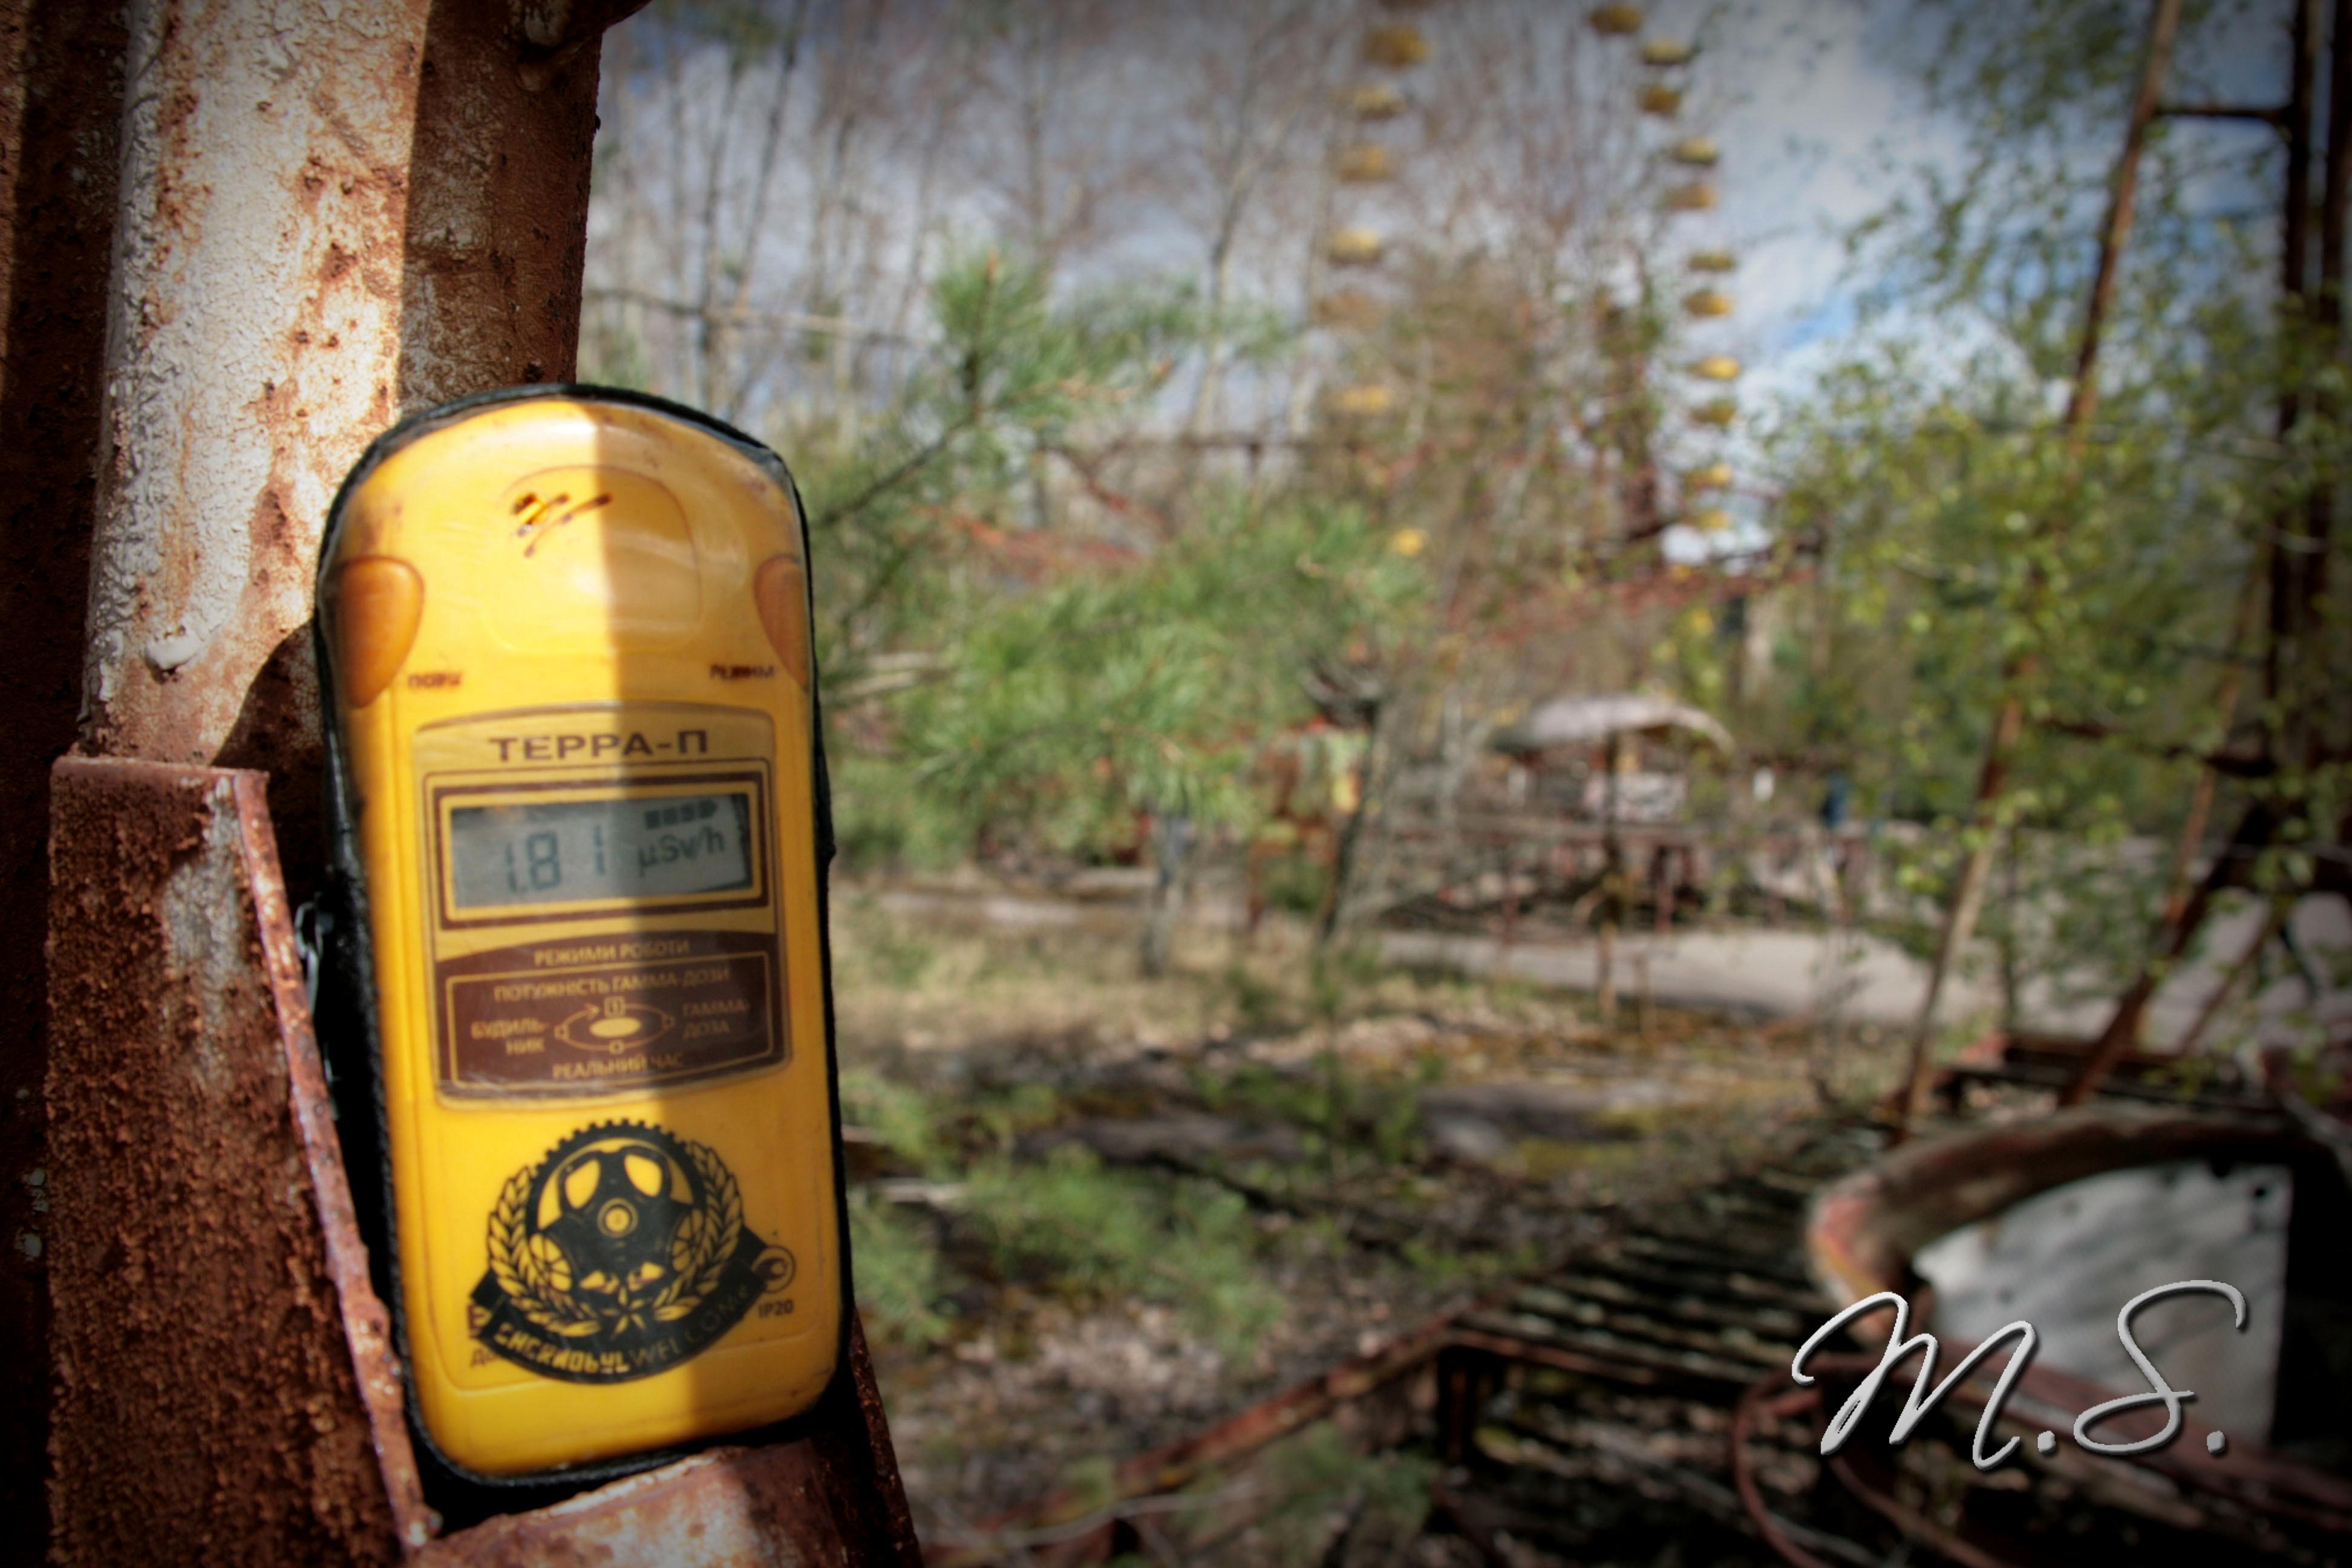 Artículo: ¿Qué se esconde tras Chernobyl?